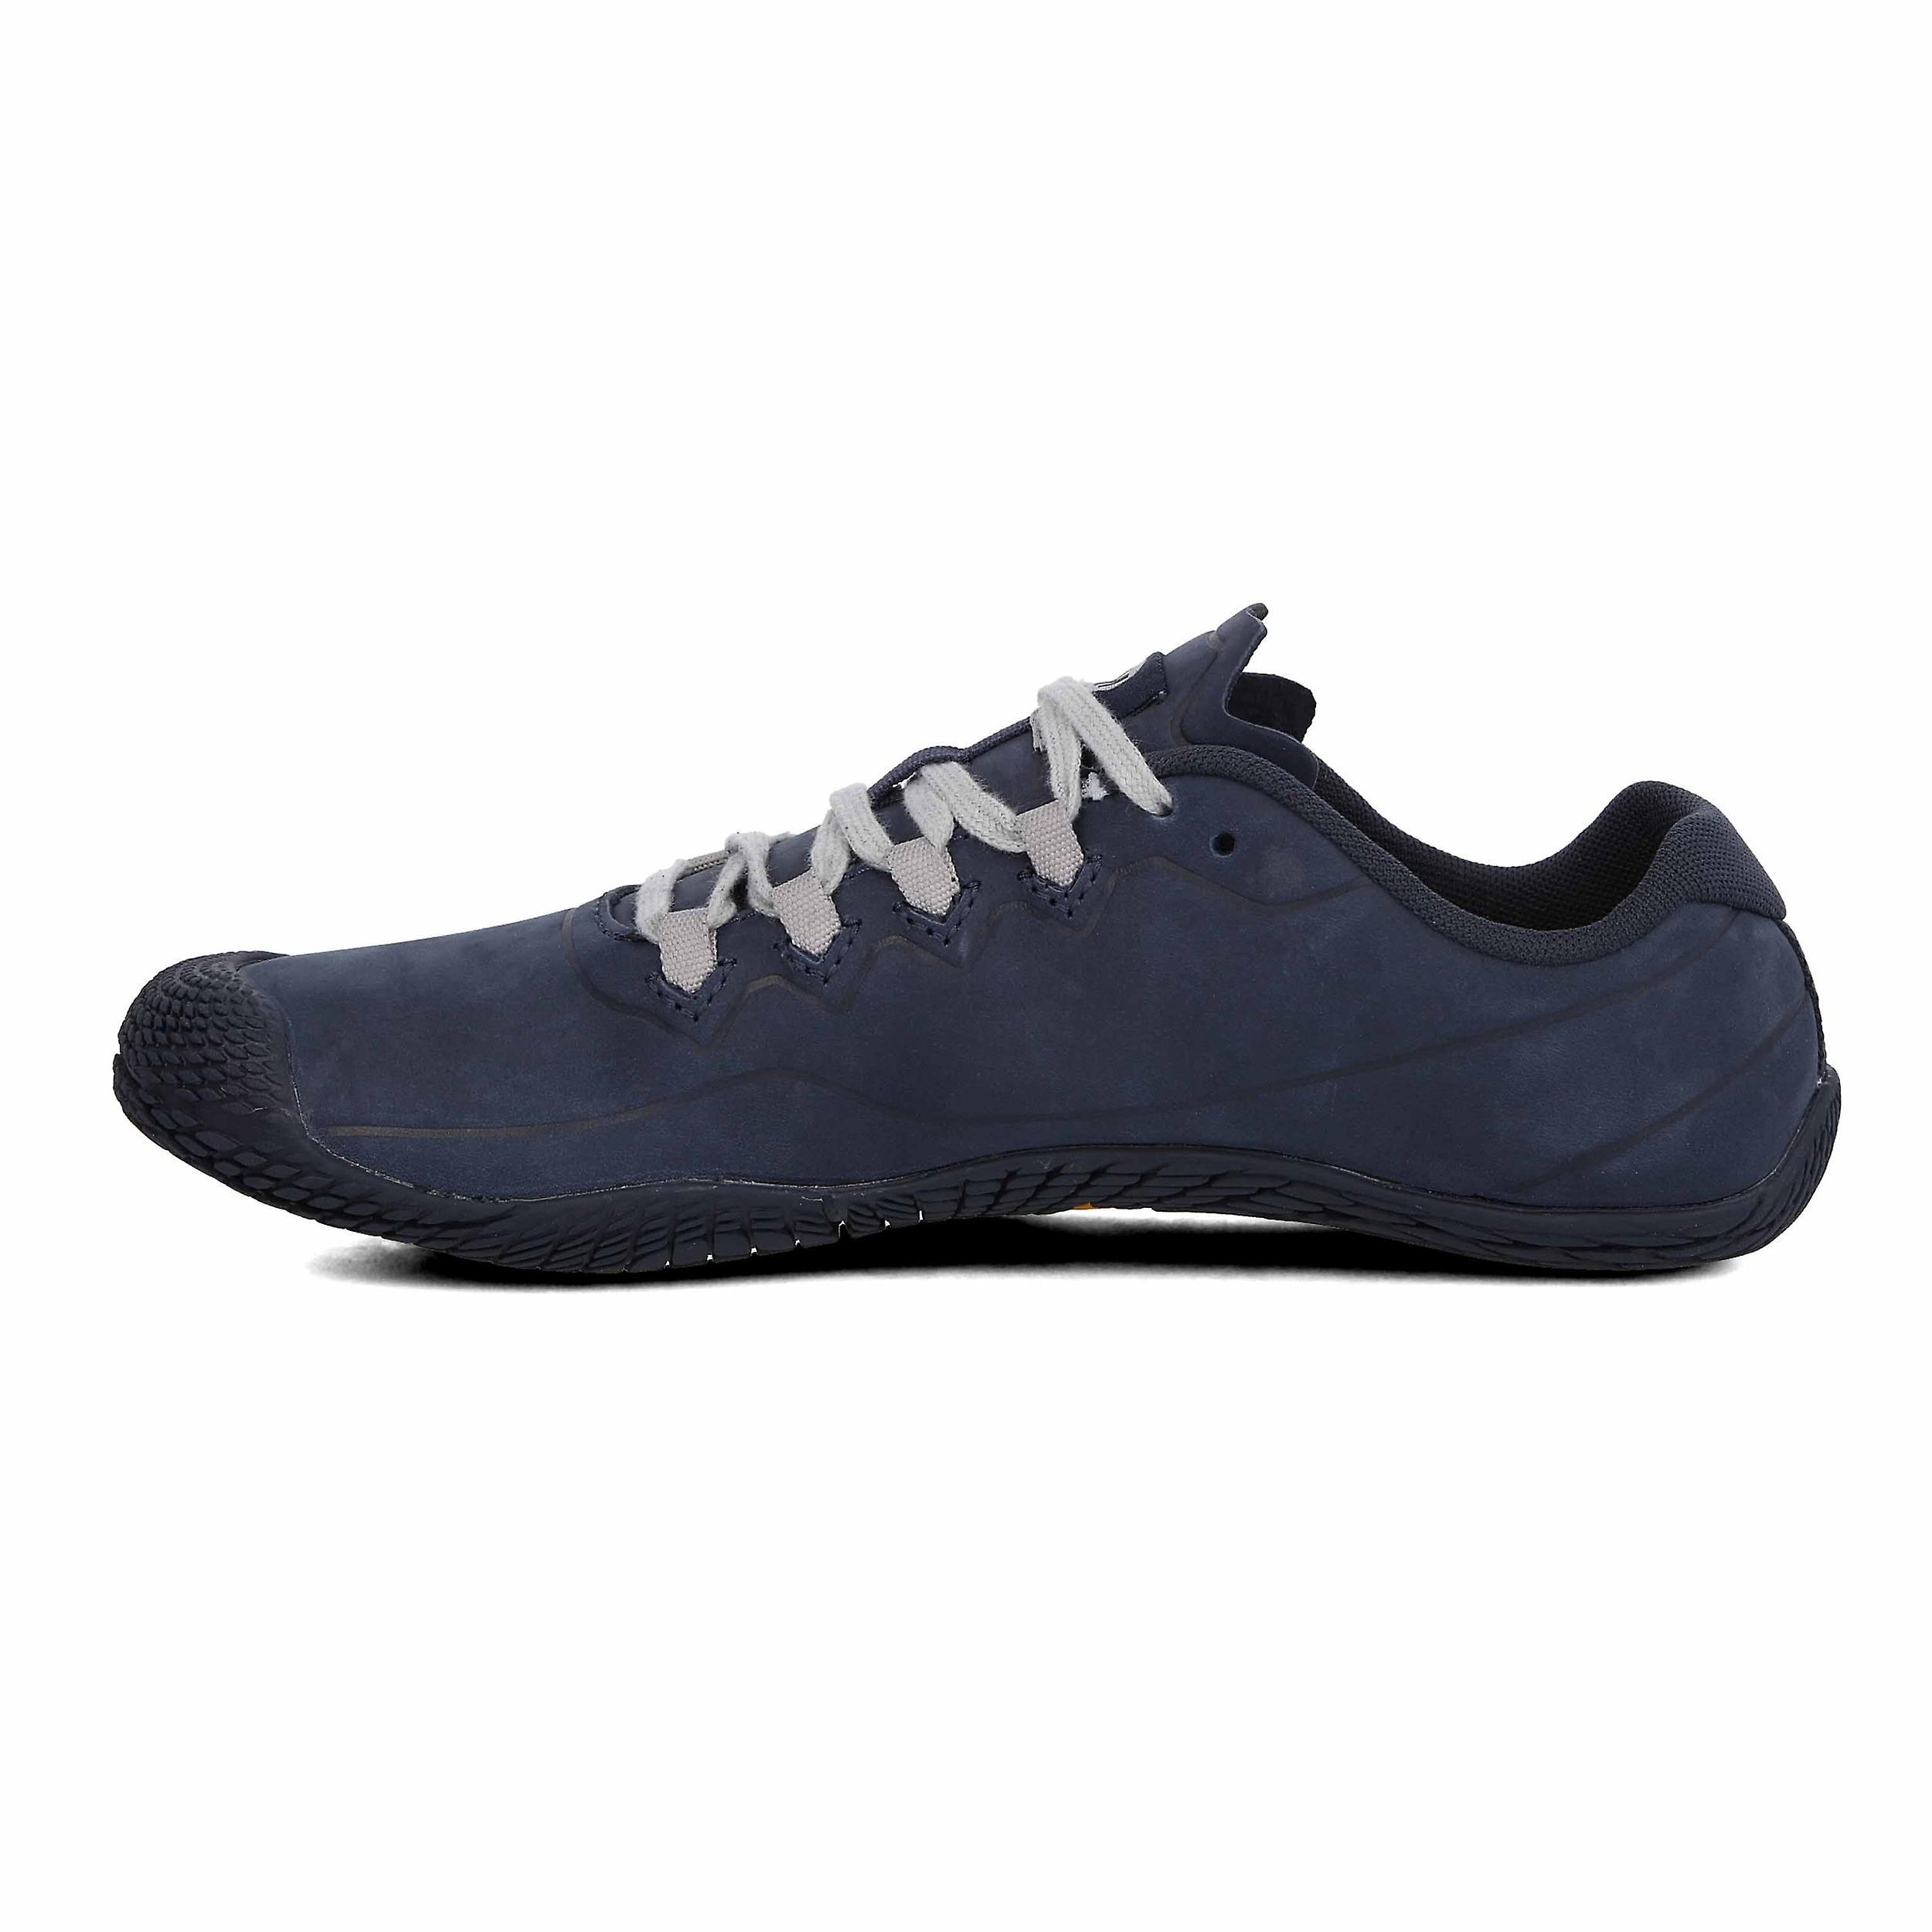 Merrell Vapor Glove 3 Luna LTR Trail Running Shoes - AW20